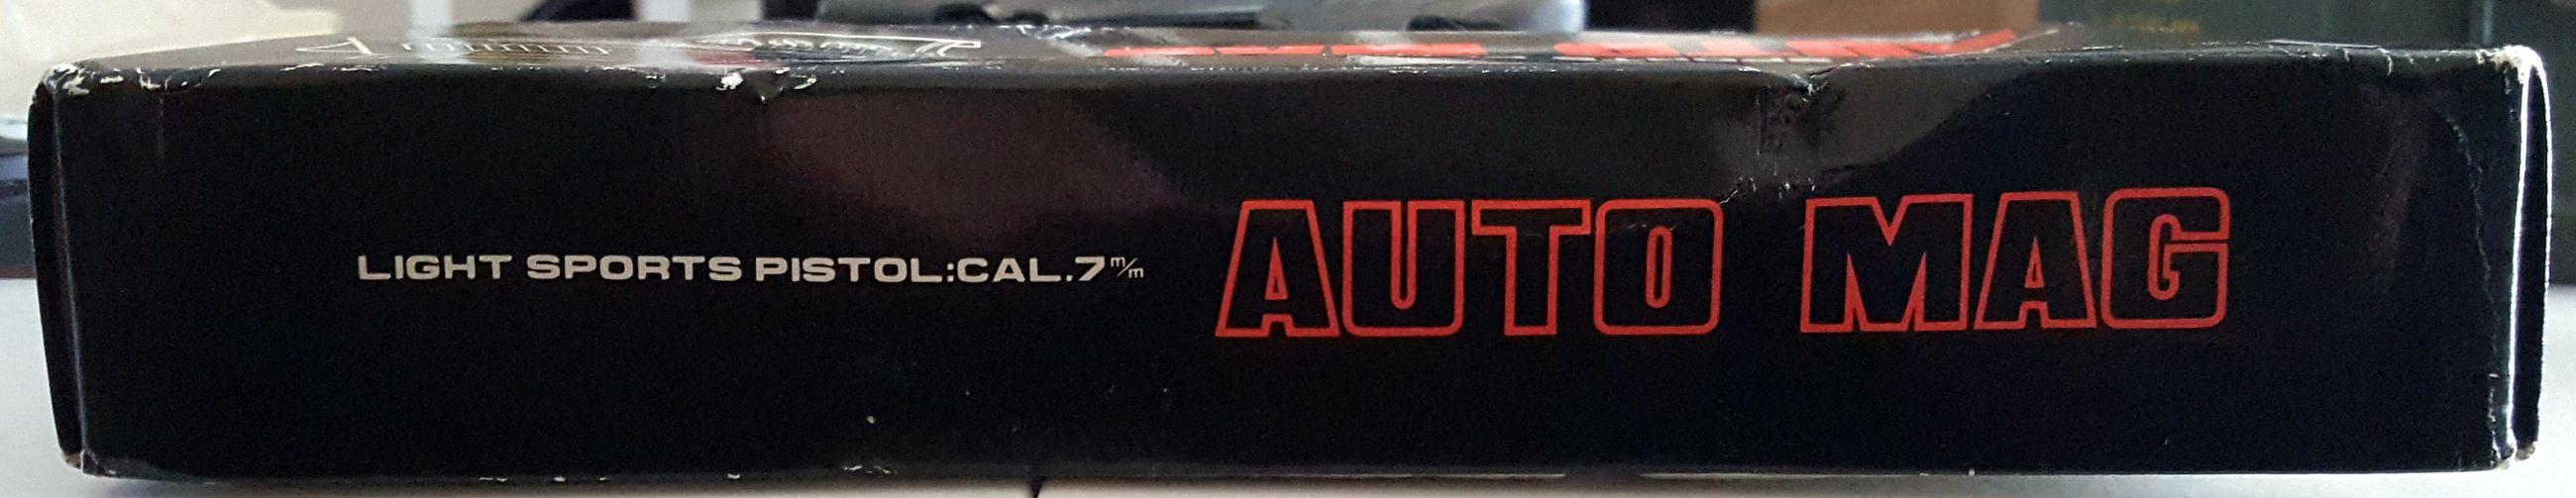 Auto Mag box side.jpg